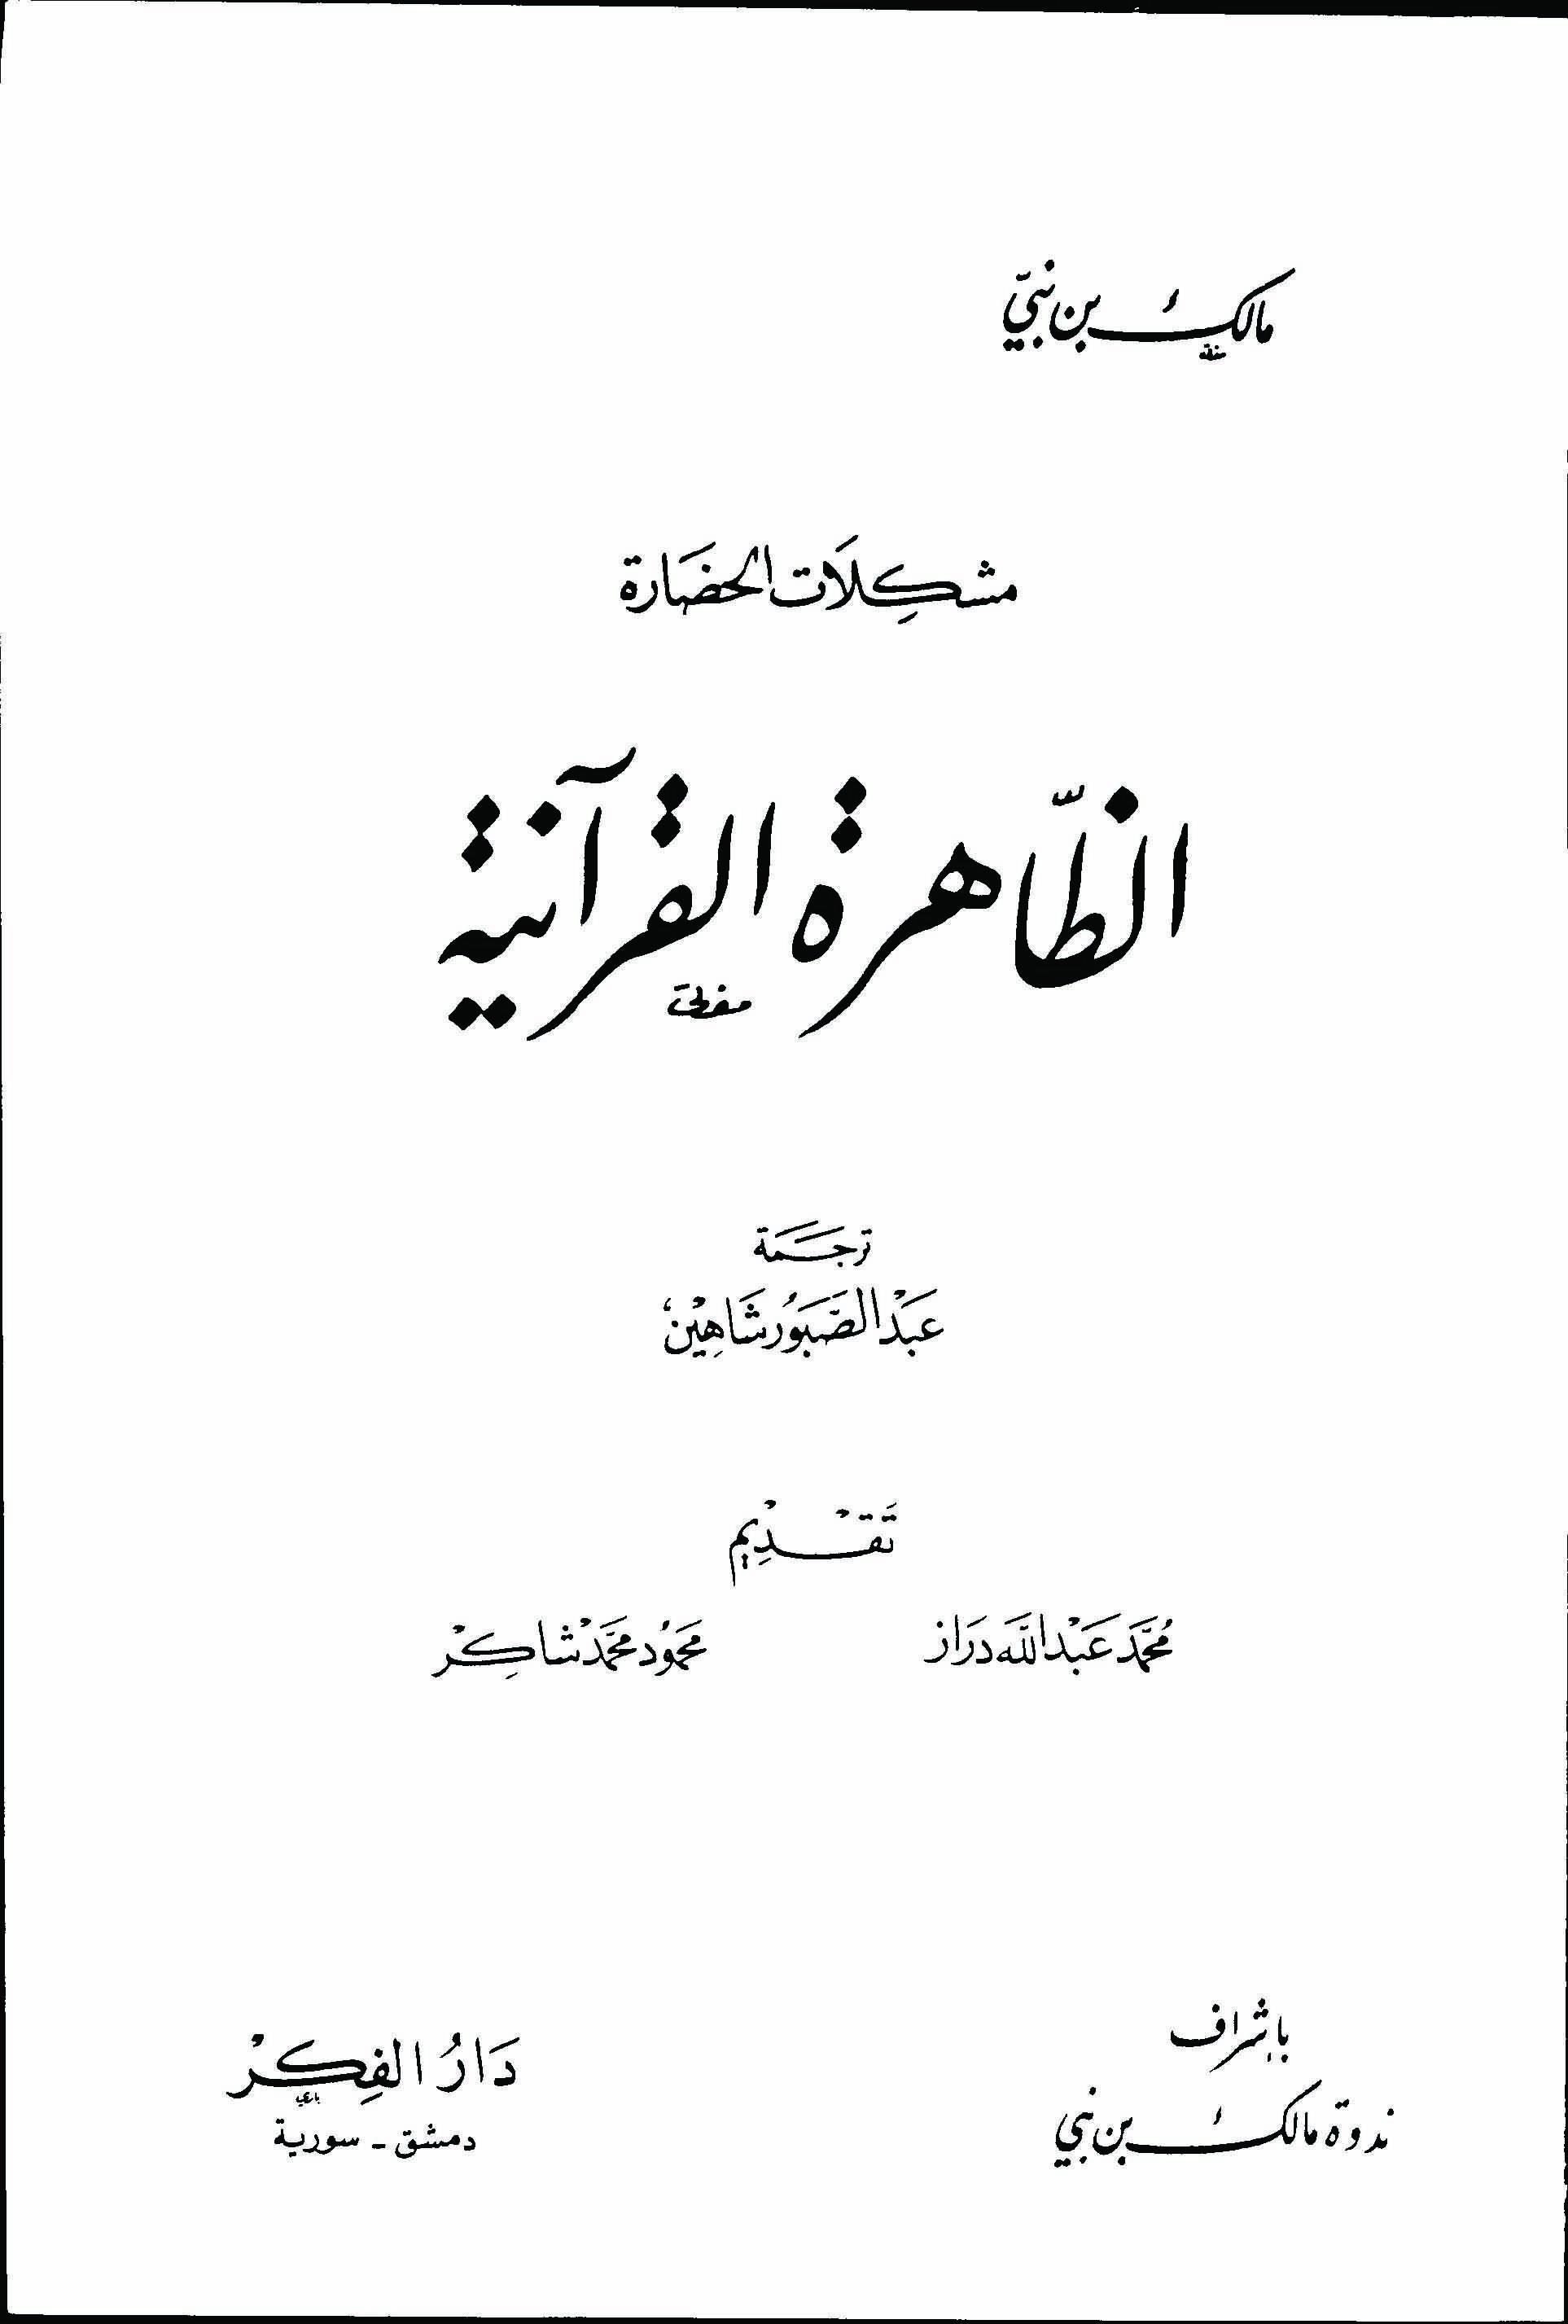 تحميل كتاب الظاهرة القرآنية Pdf تأليف مالك بن نبي Math Math Equations Arabic Calligraphy